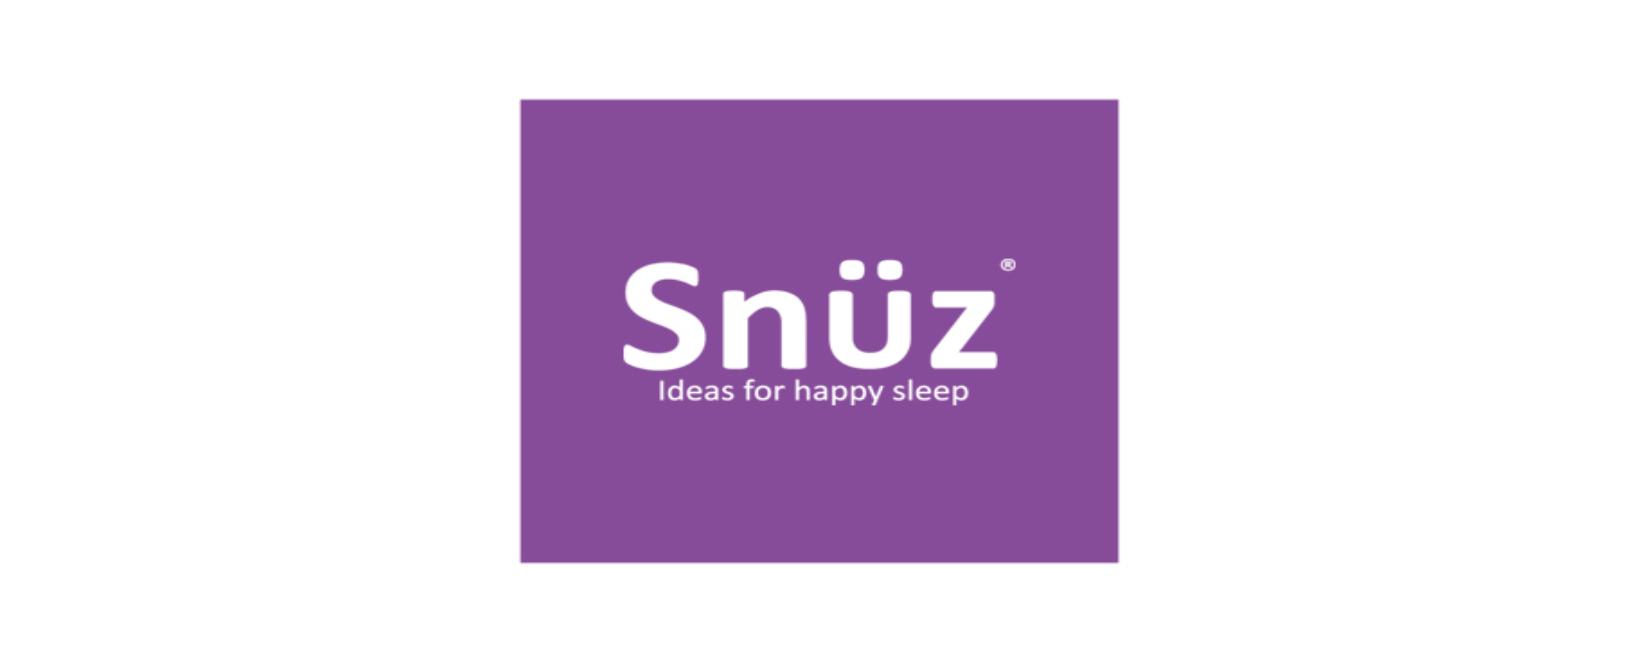 Snuz Discount Code 2021